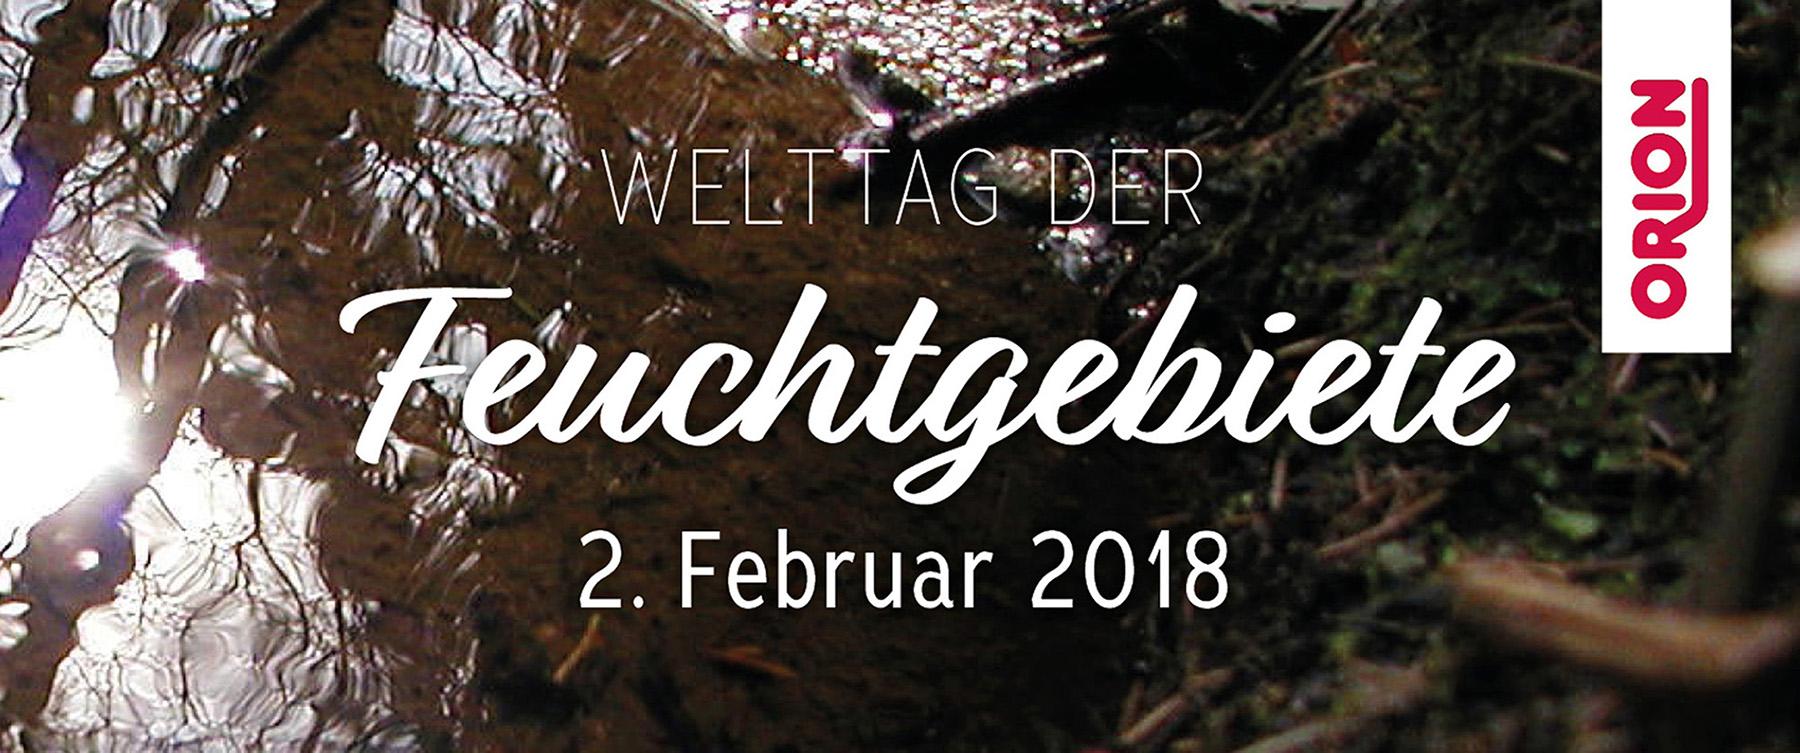 Welttag der Feuchtgebiete: ORION spendet an den NABU Schleswig-Holstein